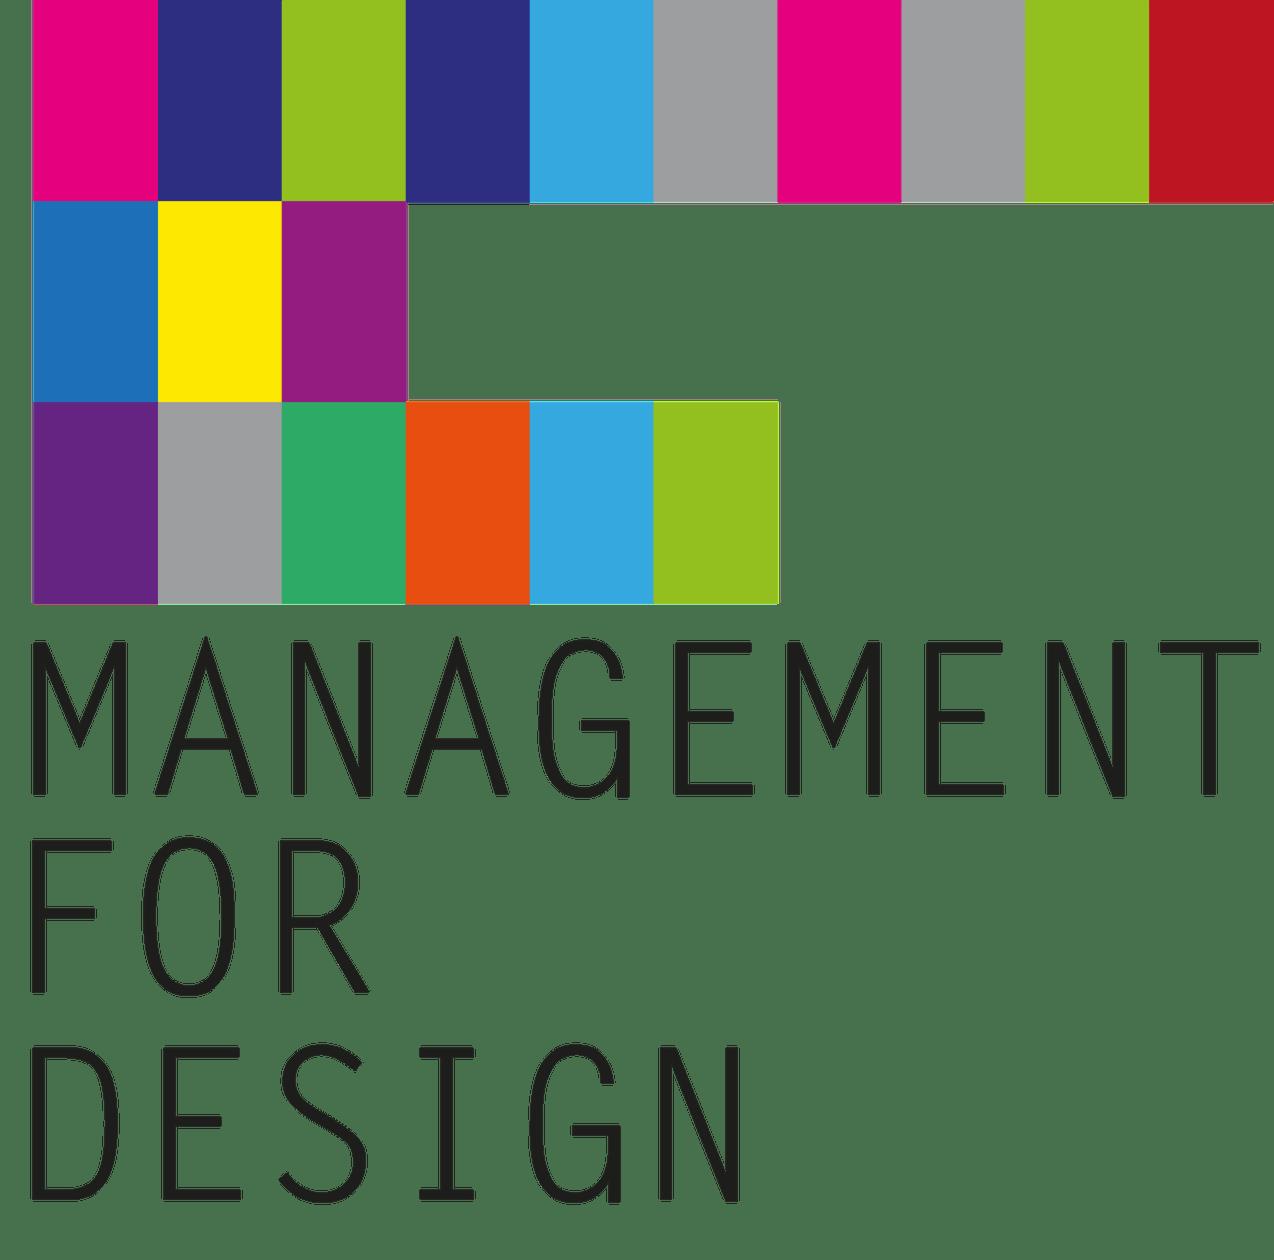 Management For Design